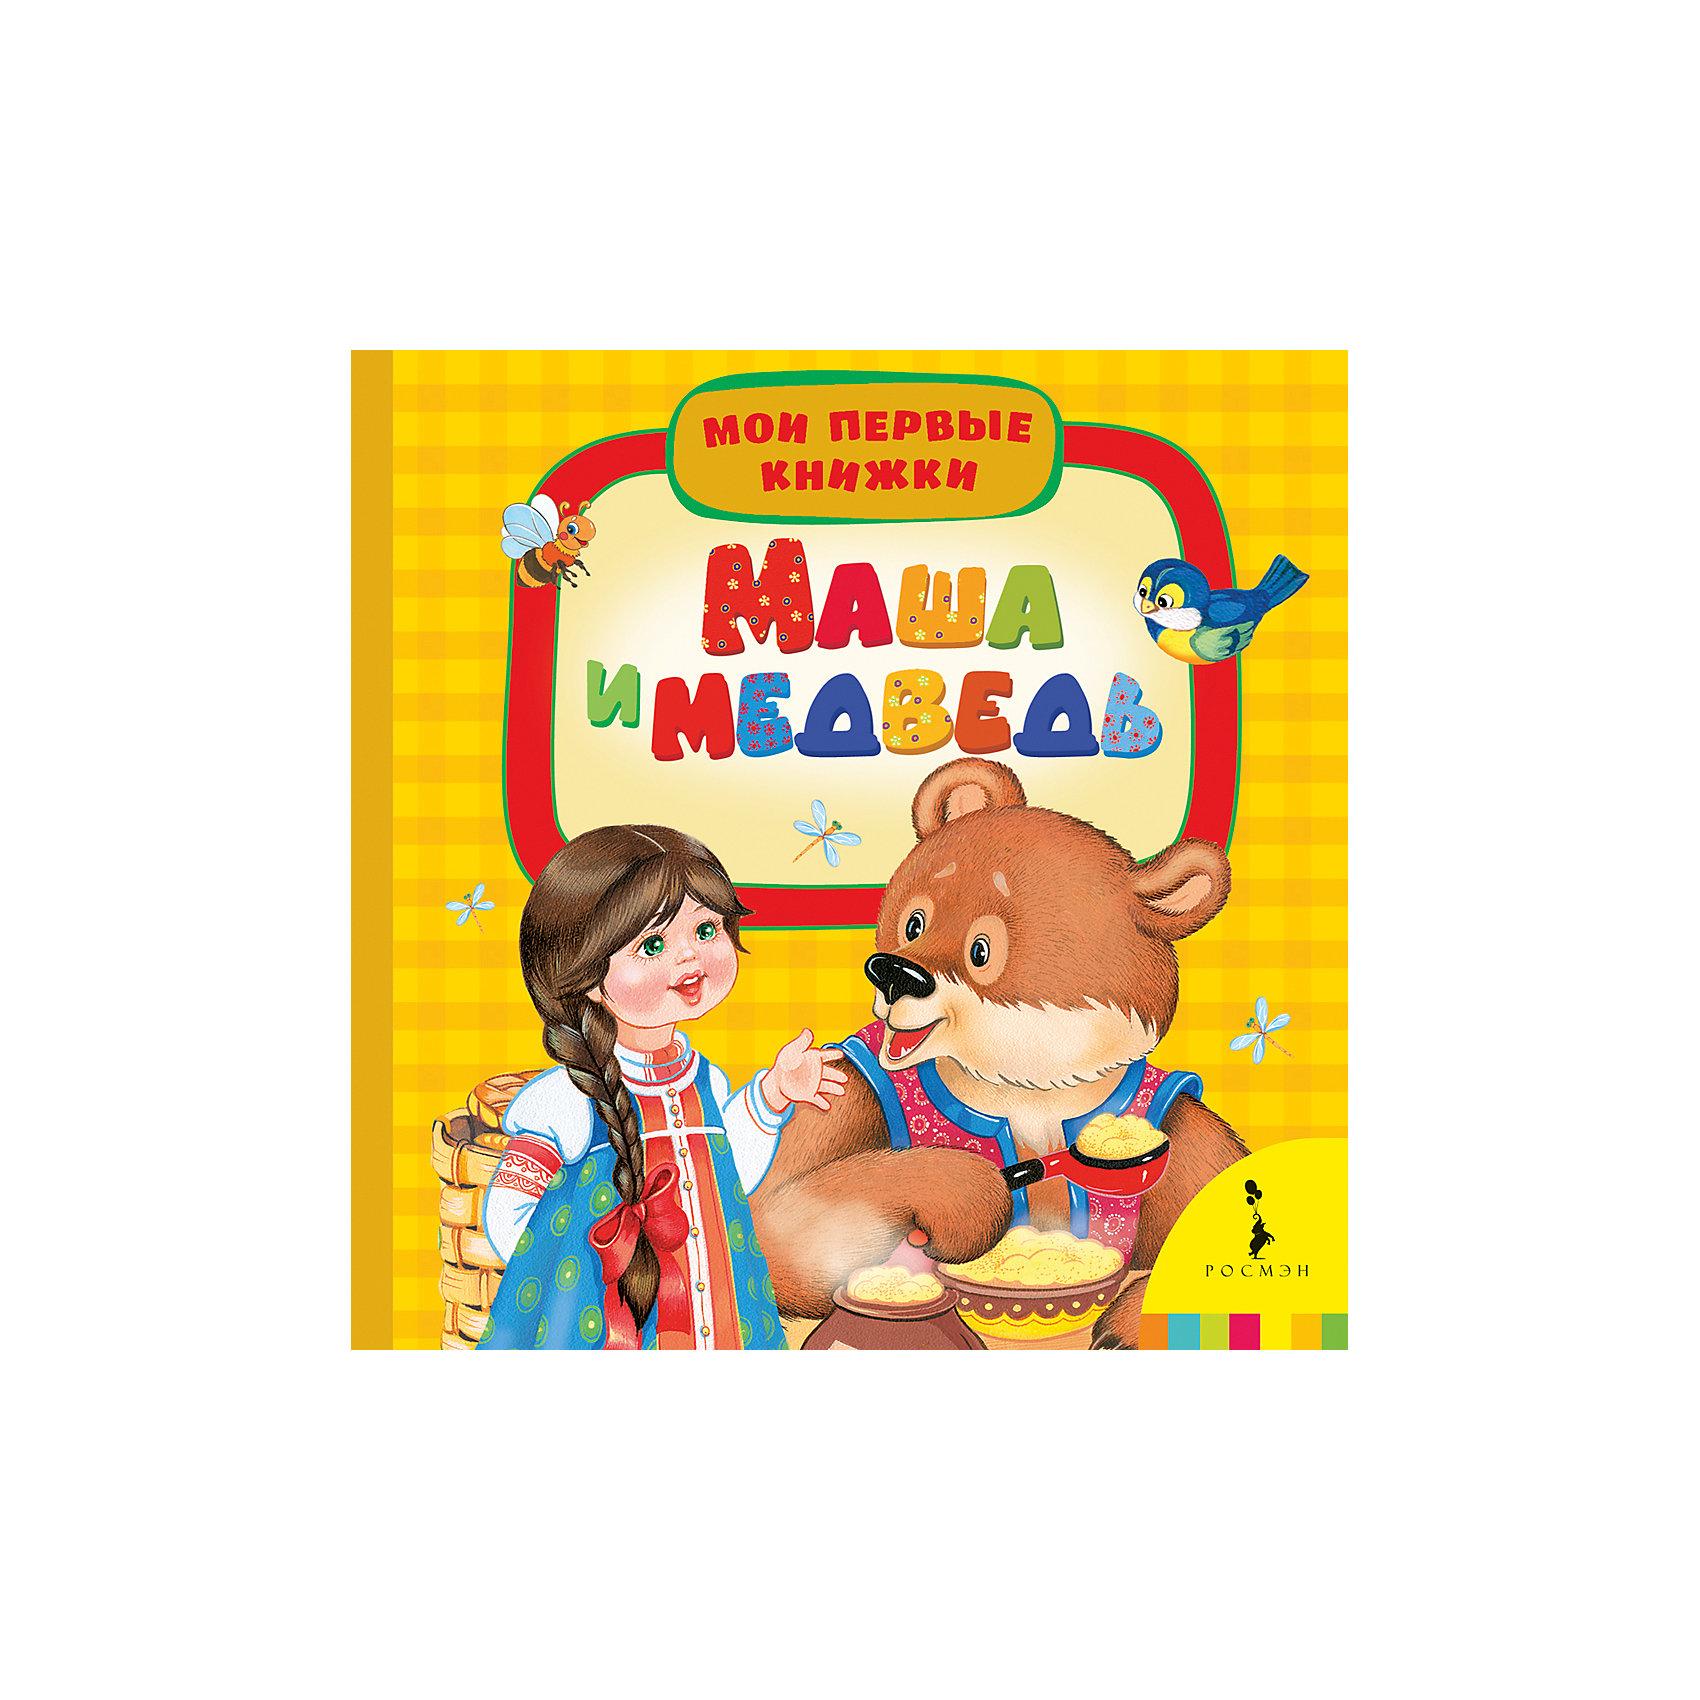 Маша и медведь (Мои первые книжки